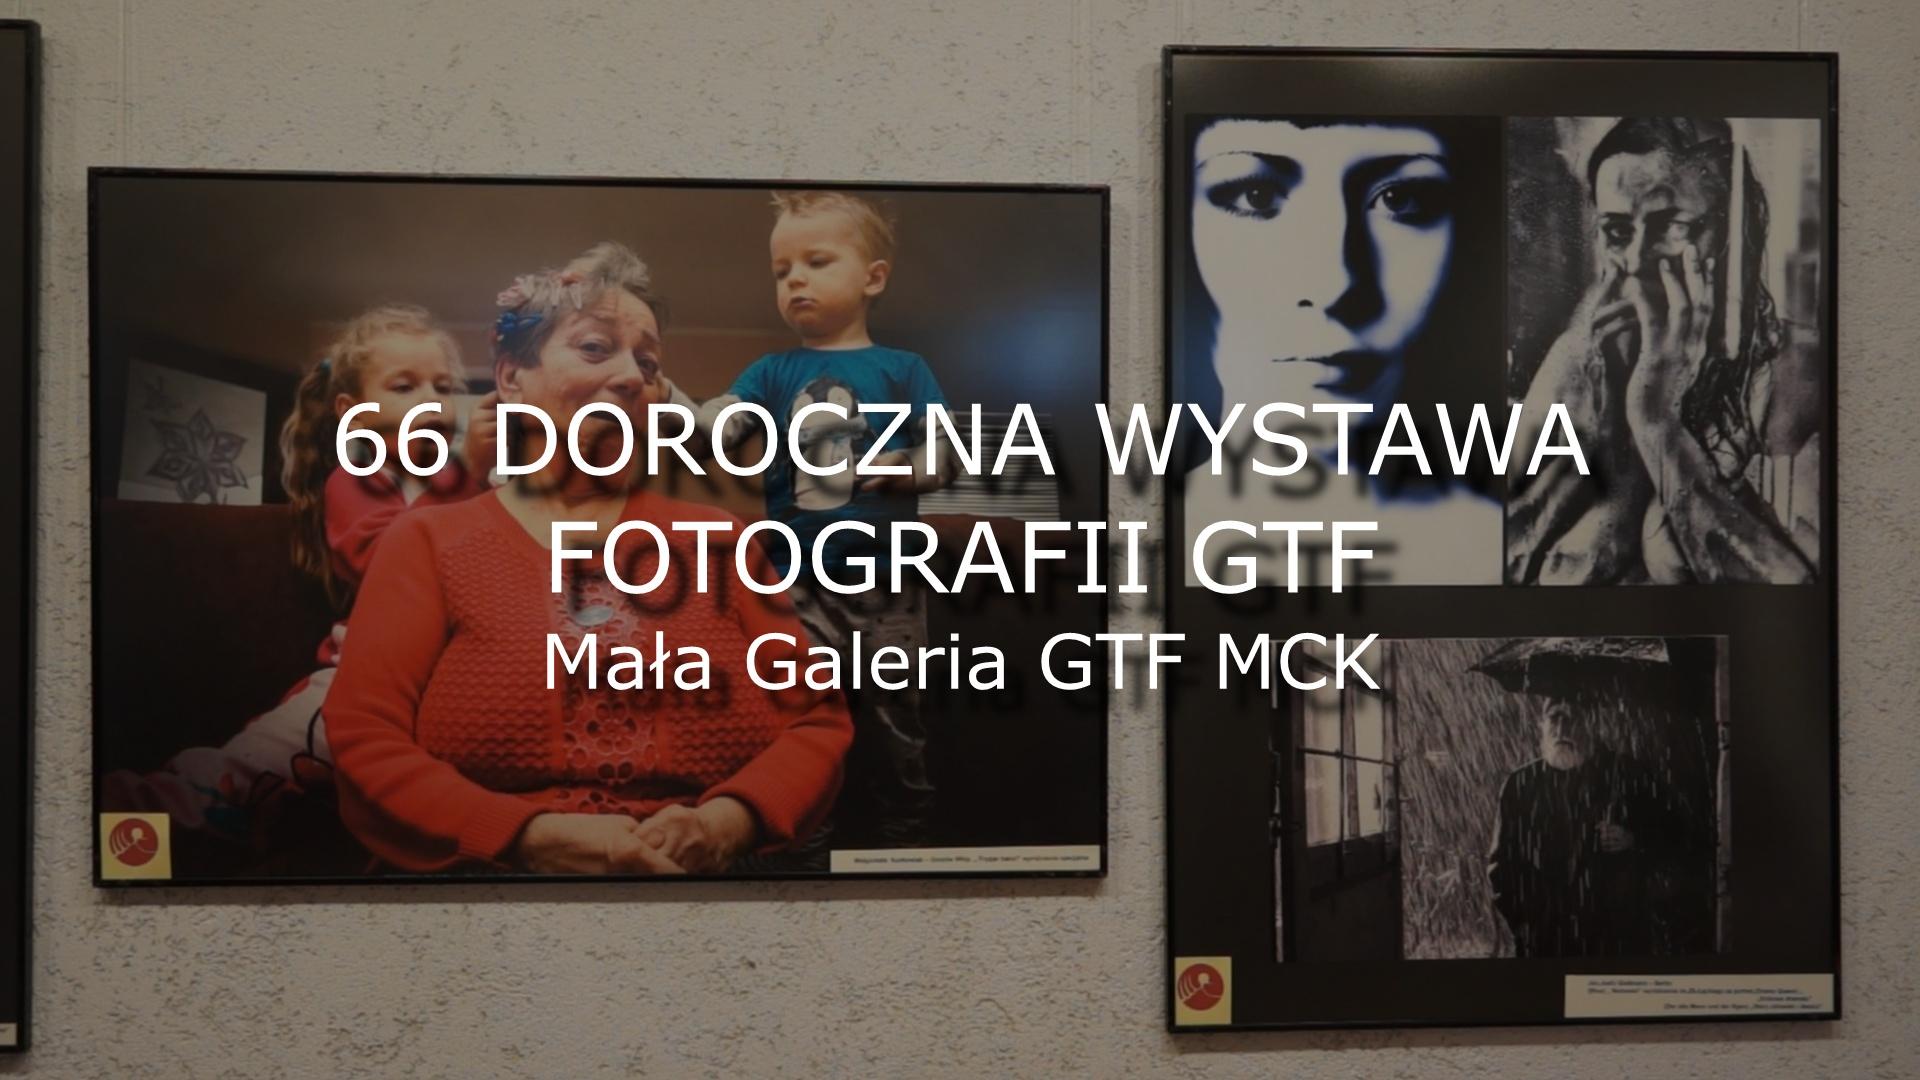 Grafika wpisu Wystawa fotografii z MCK online. 66 Doroczna Wystawa Fotografii GTF